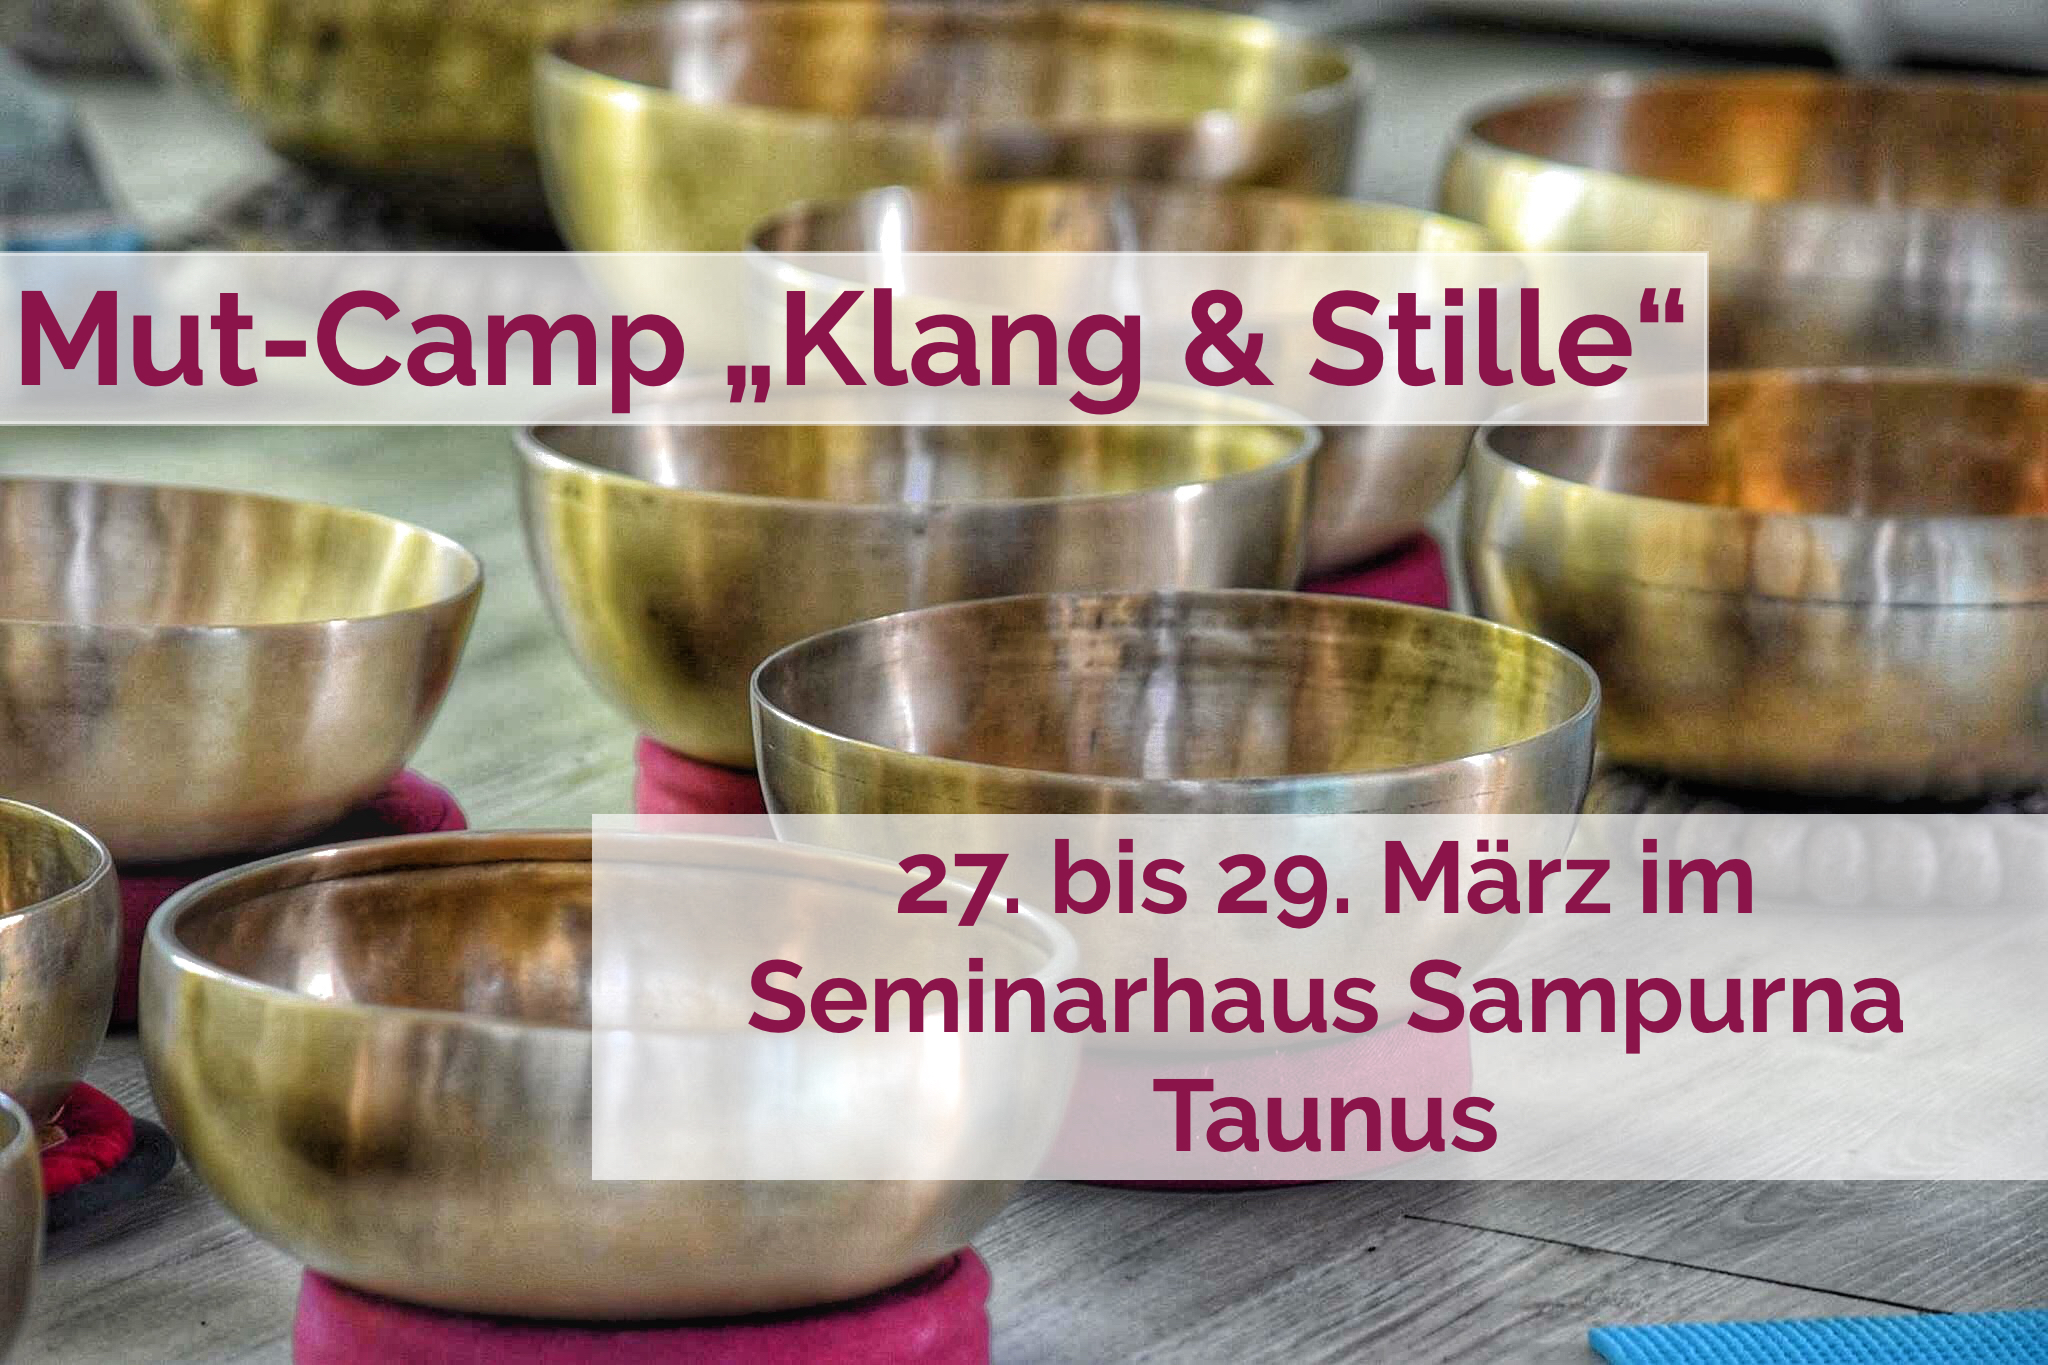 Mut-Camp Sampurna März